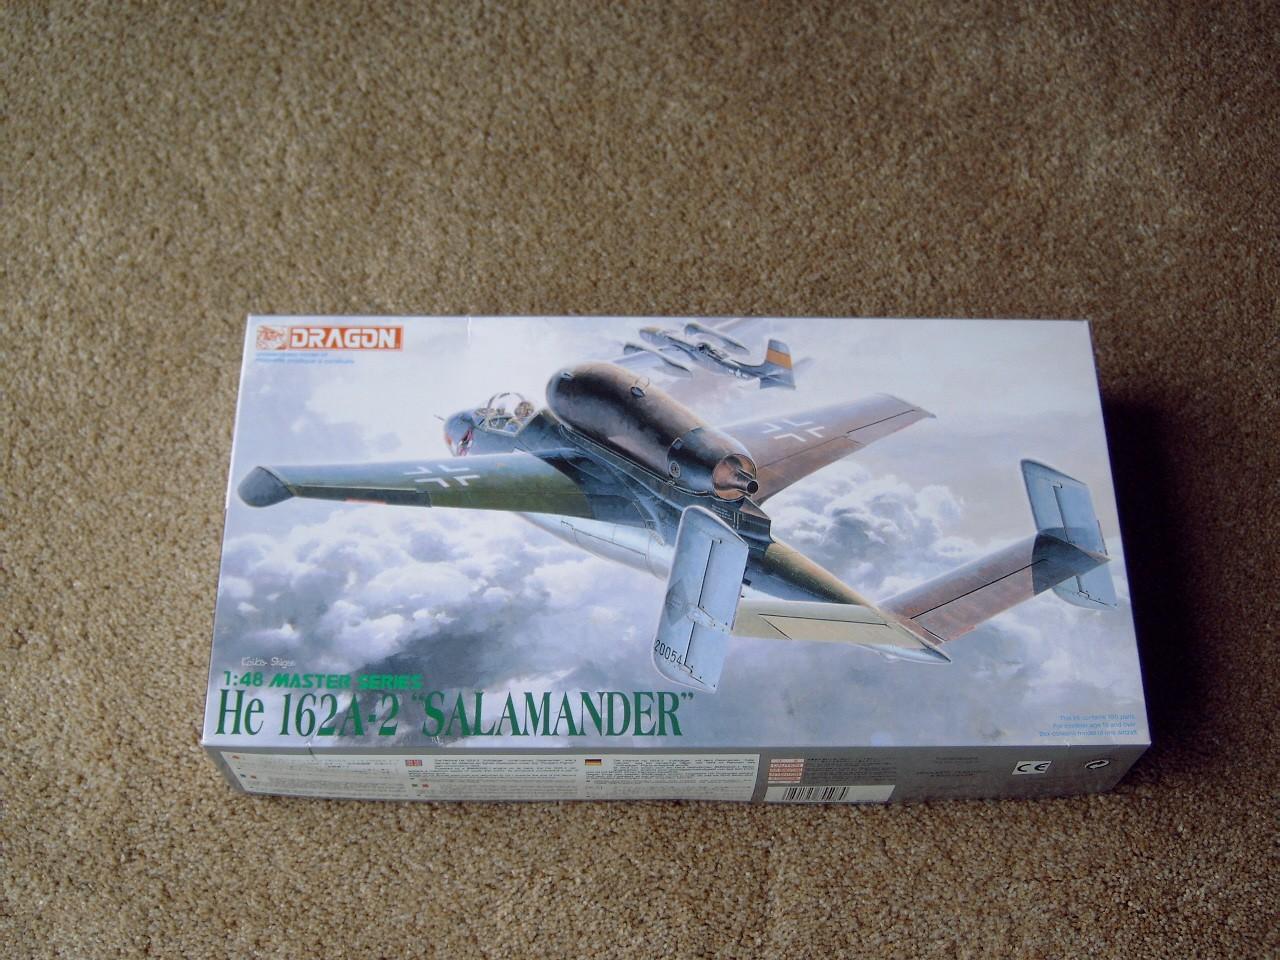 He162A-2 Salamander